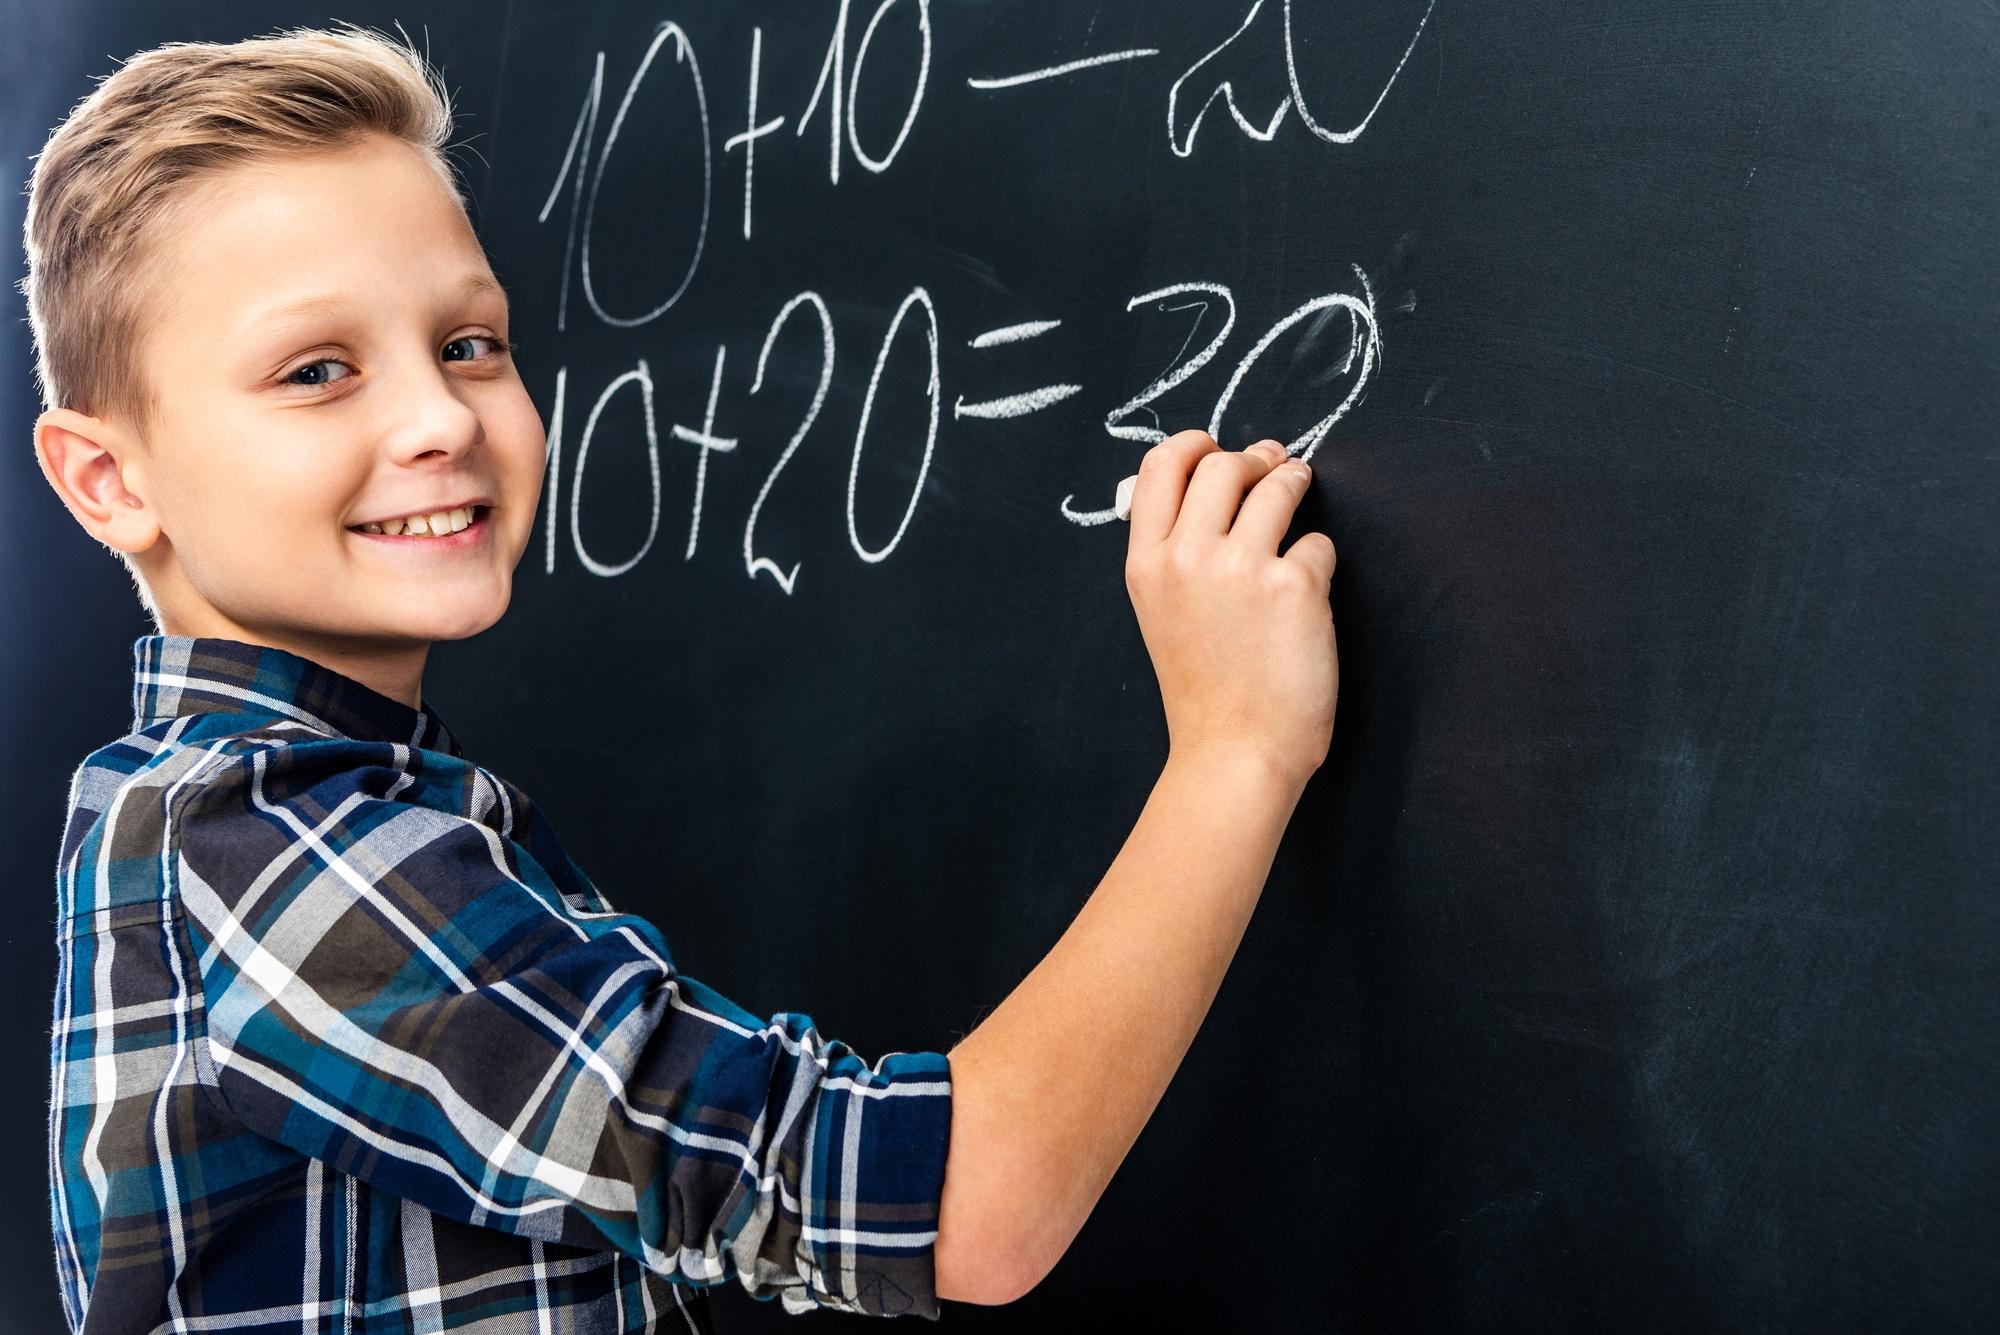 8th Grade Math Class